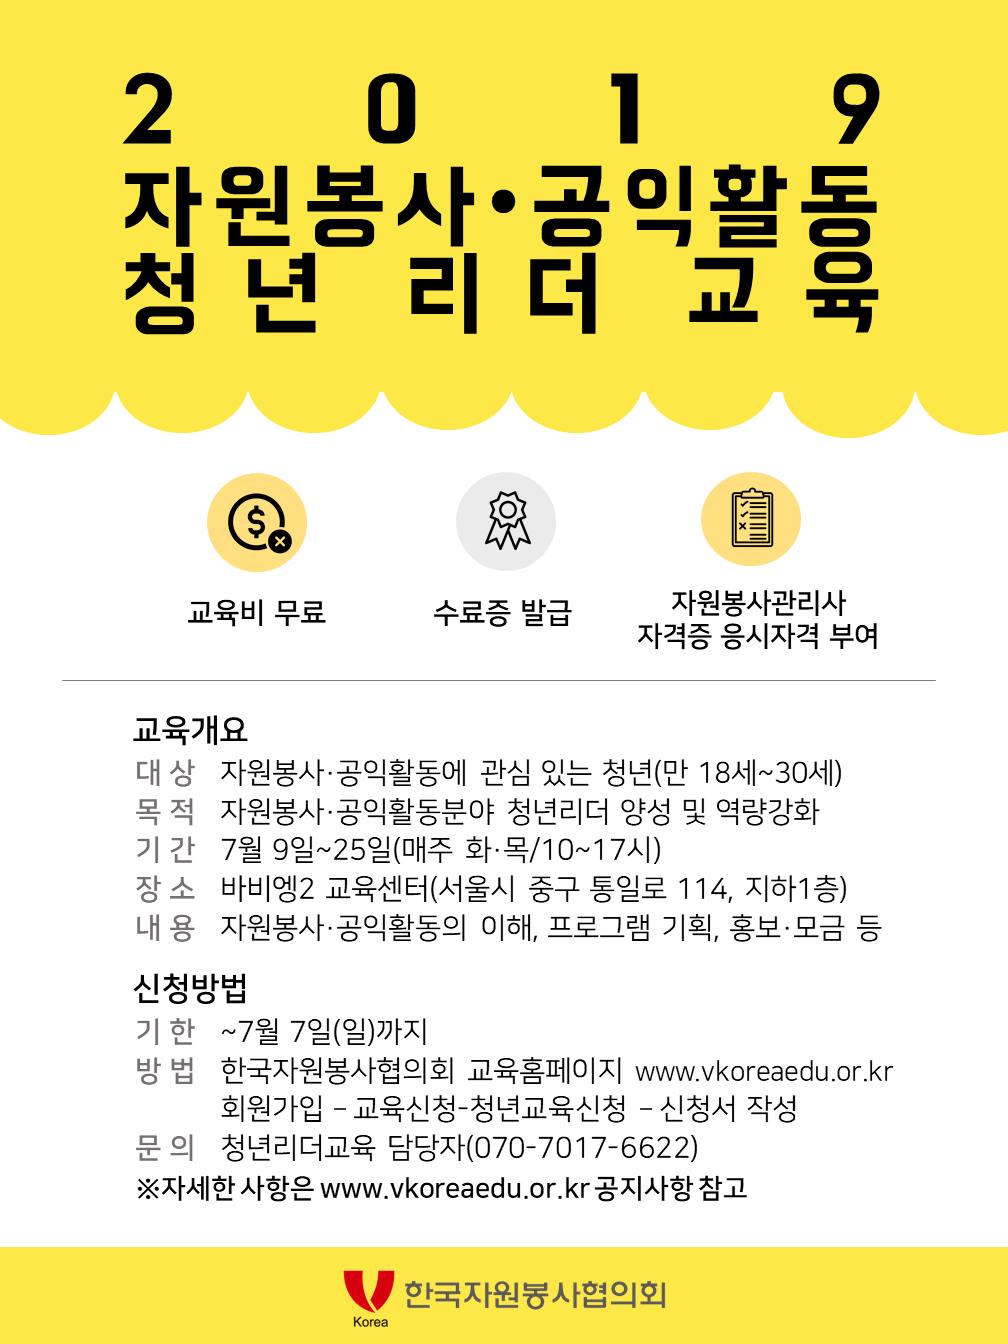 붙임2. 2019 자원봉사·공익활동 청년리더교육 포스터.png